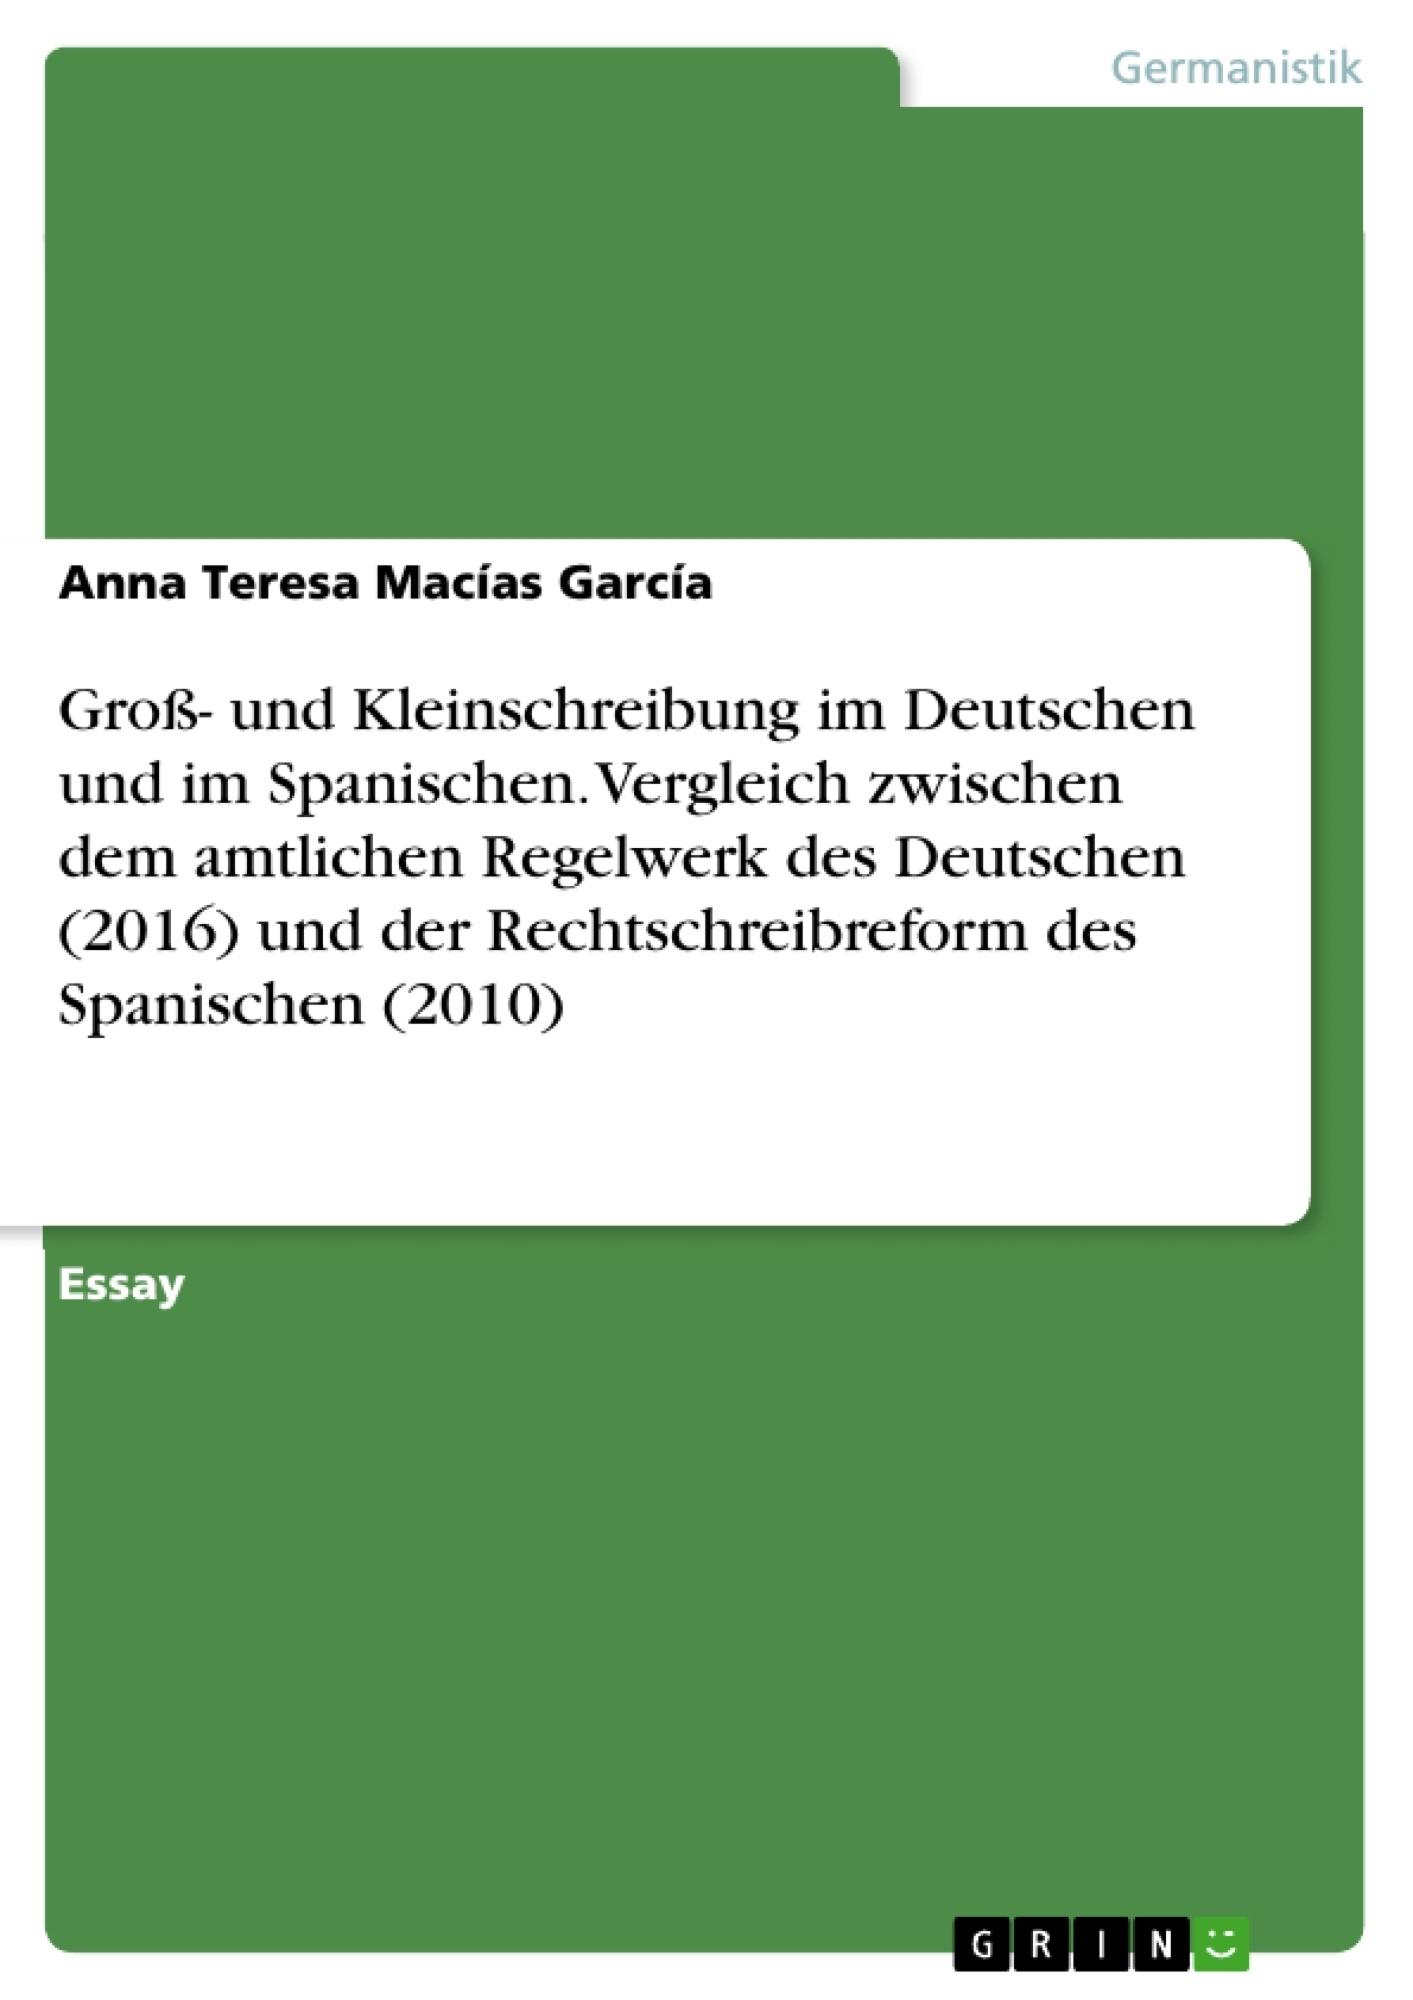 Titel: Groß- und Kleinschreibung im Deutschen und im Spanischen. Vergleich zwischen dem amtlichen Regelwerk des Deutschen (2016) und der Rechtschreibreform des Spanischen (2010)